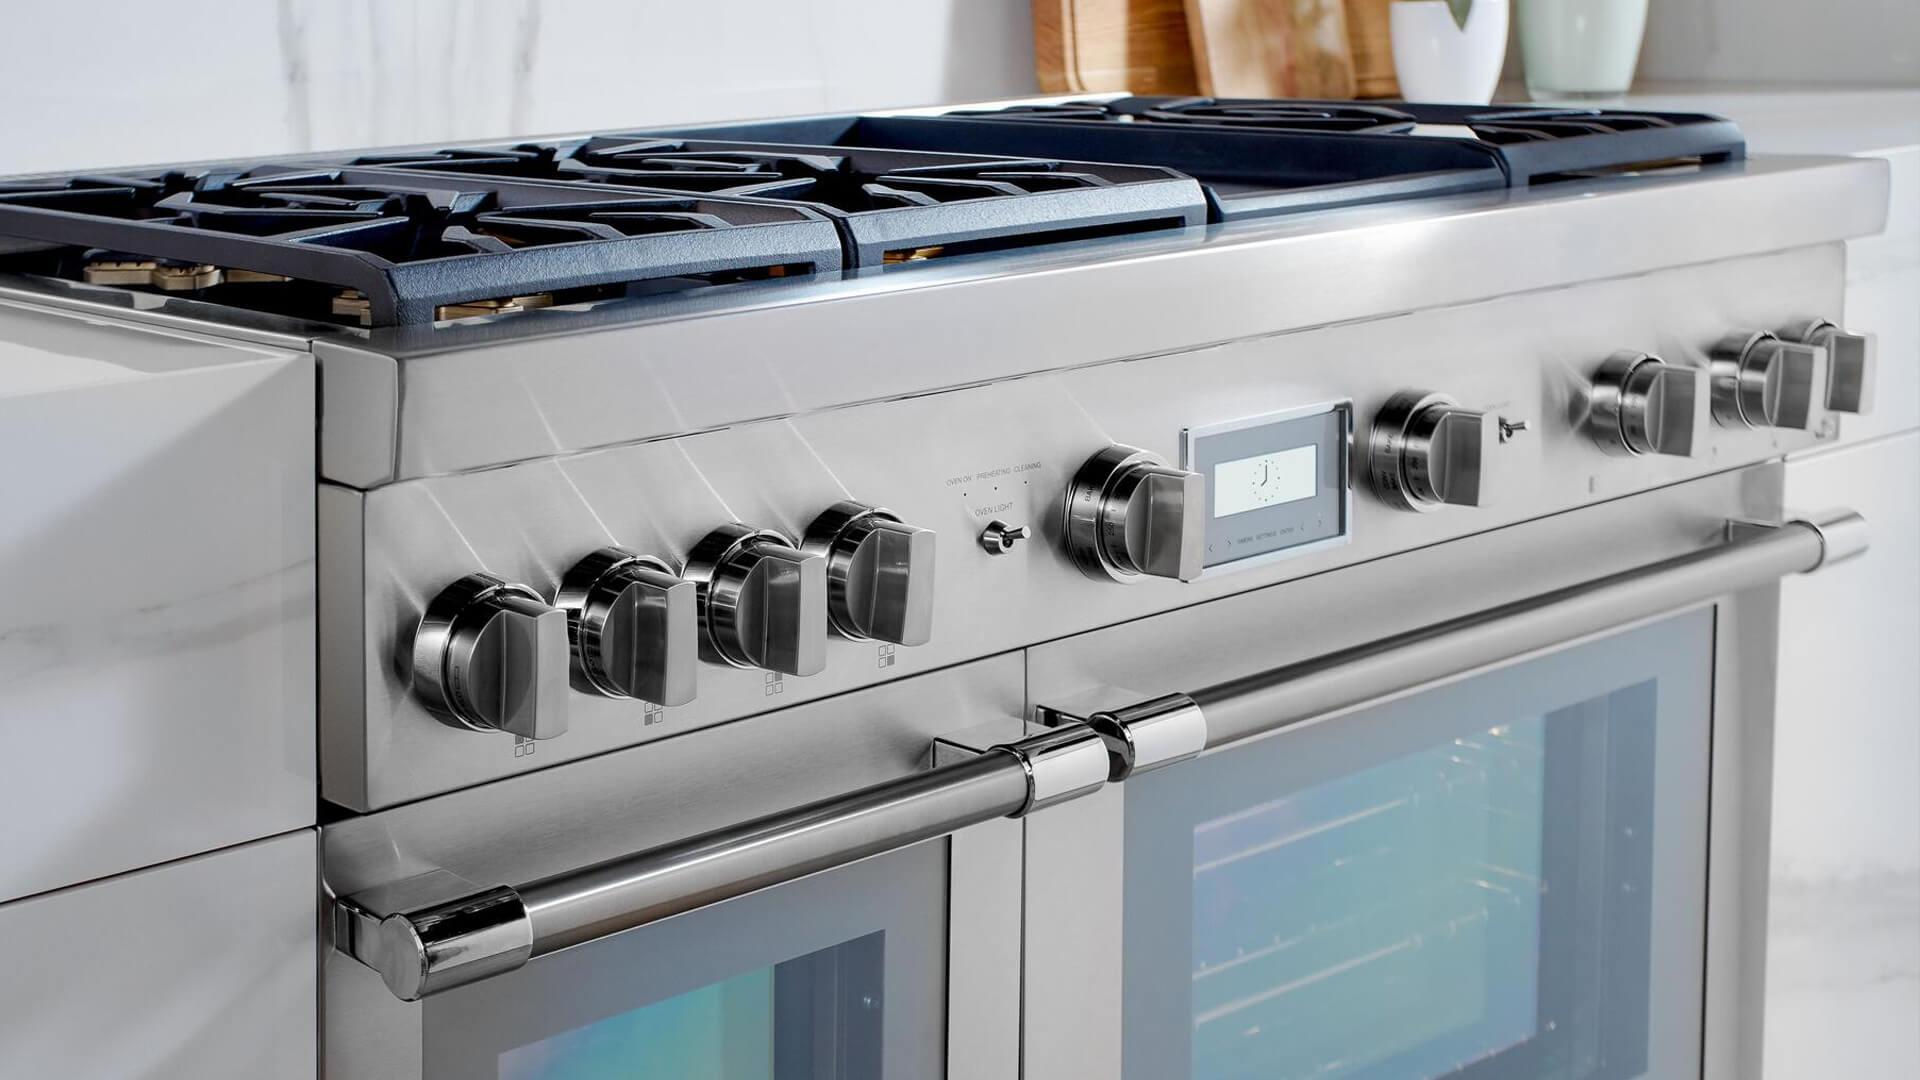 Thermador Rangetops Repair Service | Thermador Appliance Repair Pros